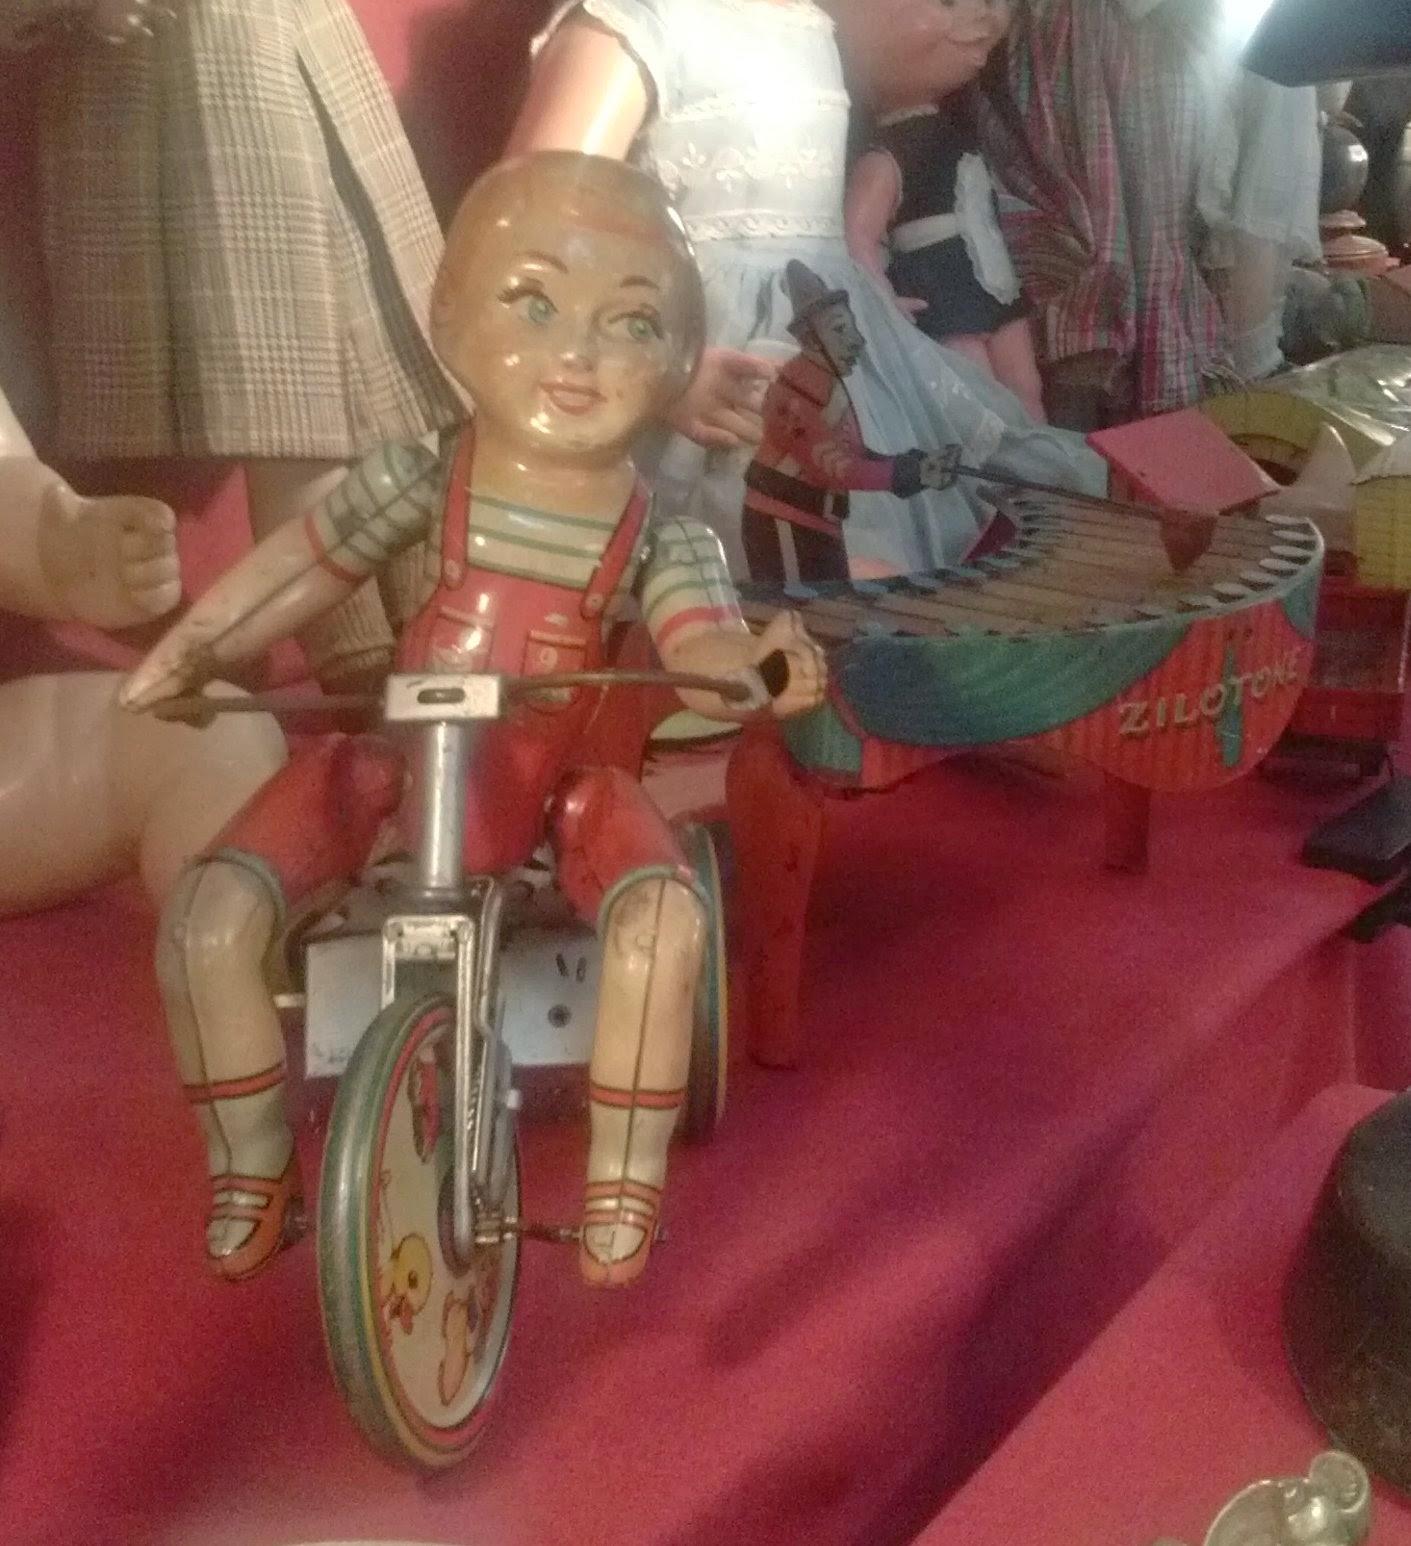 Kiddy cyclist de Unique art, de segunda generacion pieza del desembalaje de Cantabria en Torrelavega